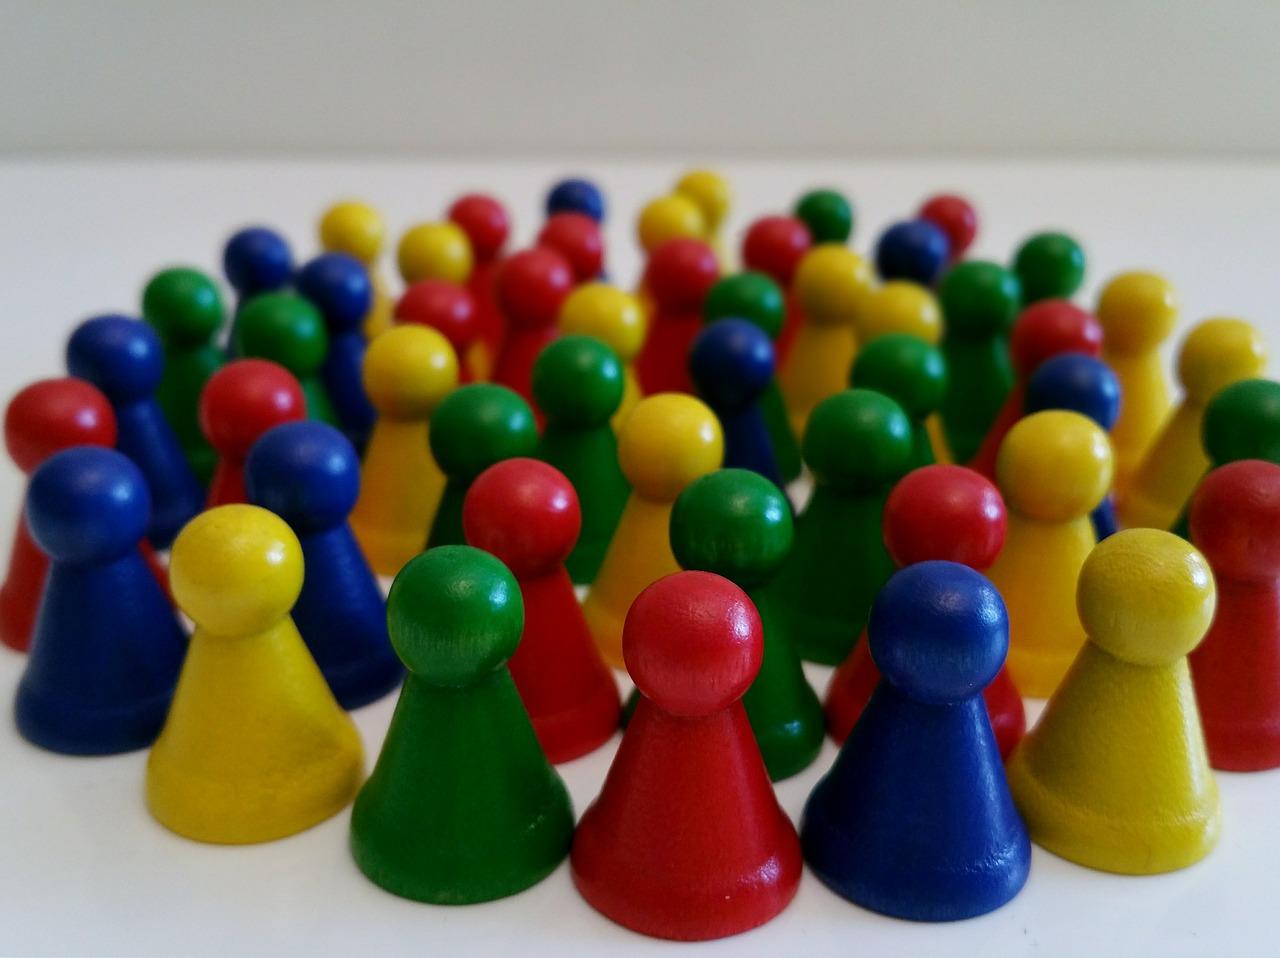 Cuando los límites son difusos, como ocurre en las familias aglutinadas, hay una confusión de roles.